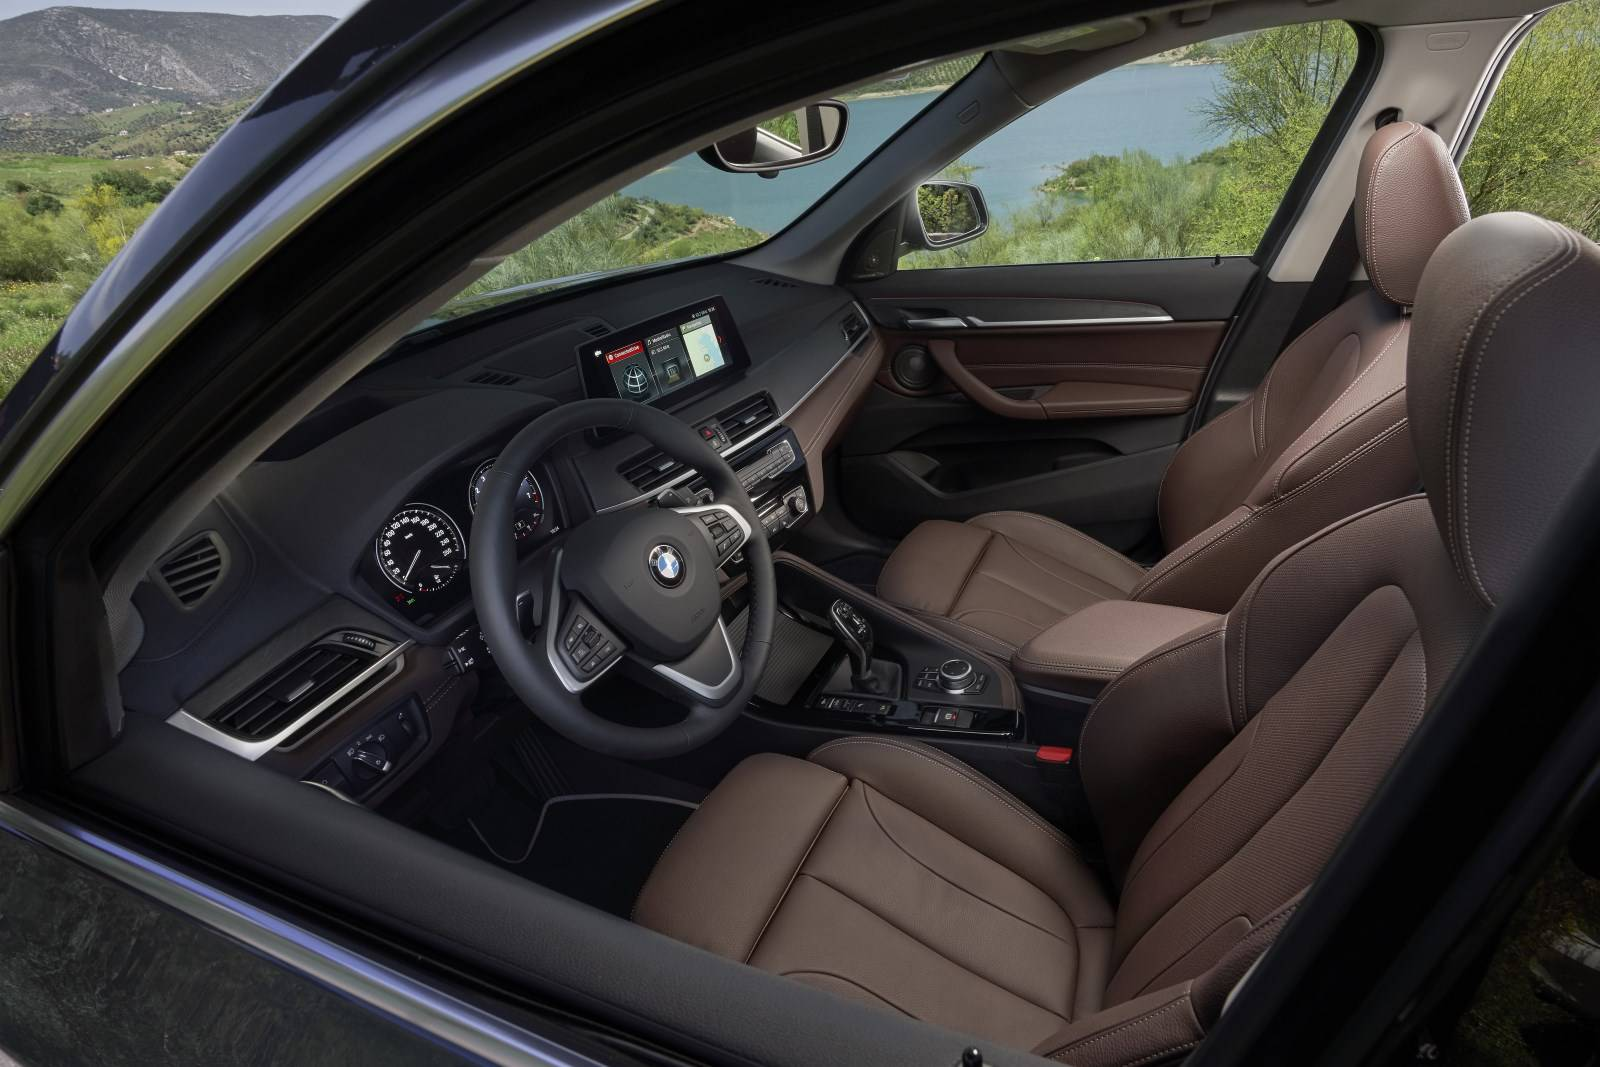 Новый BMW X1 F48 - cмелый и спортивный рестайлинг